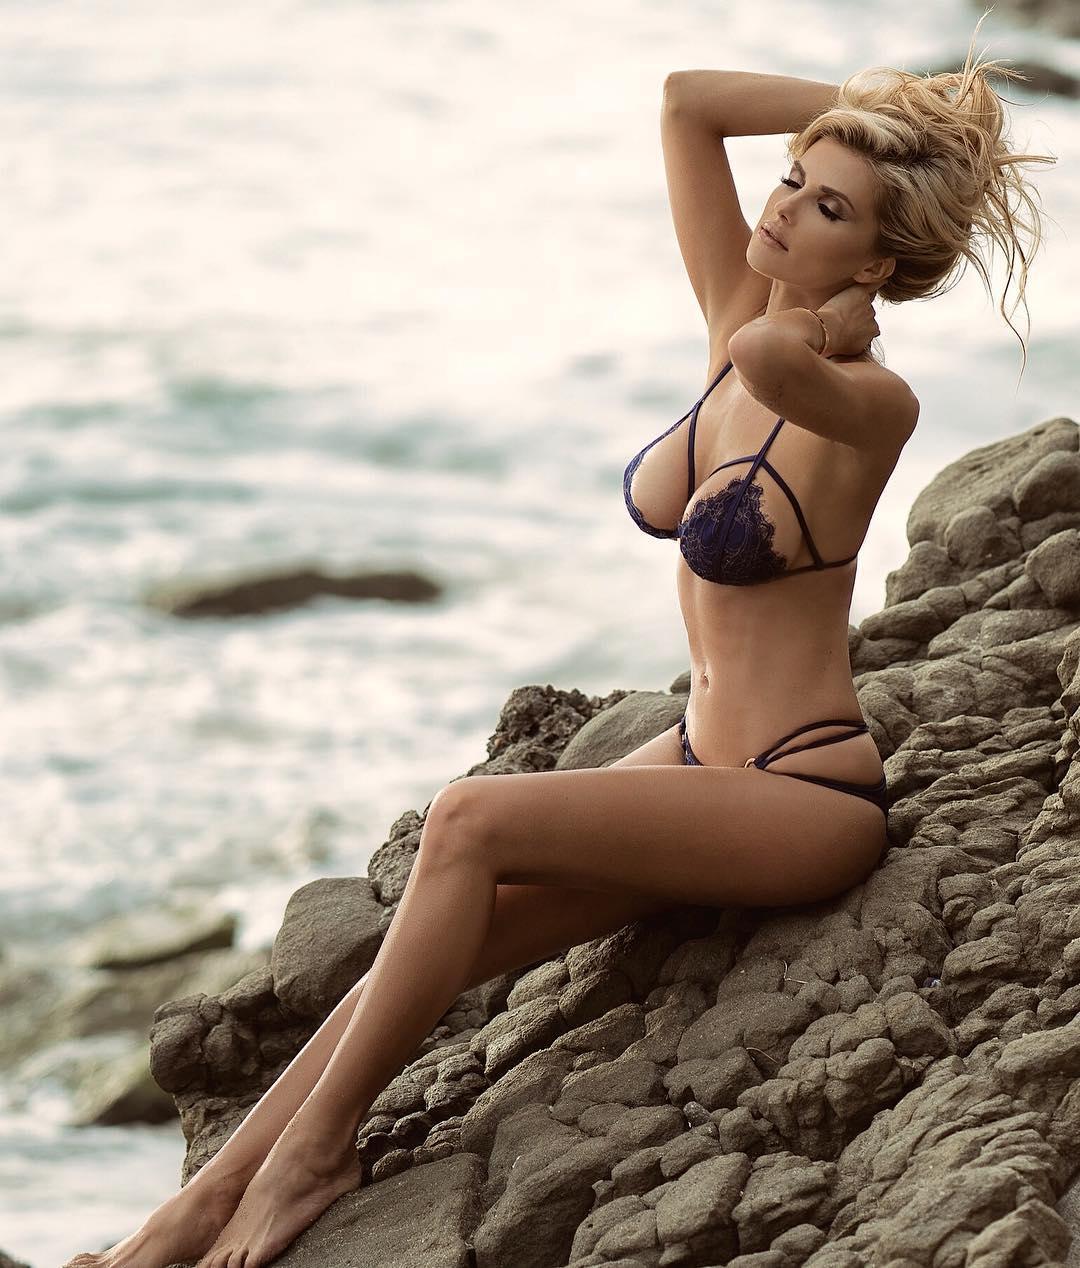 Hot naked models images